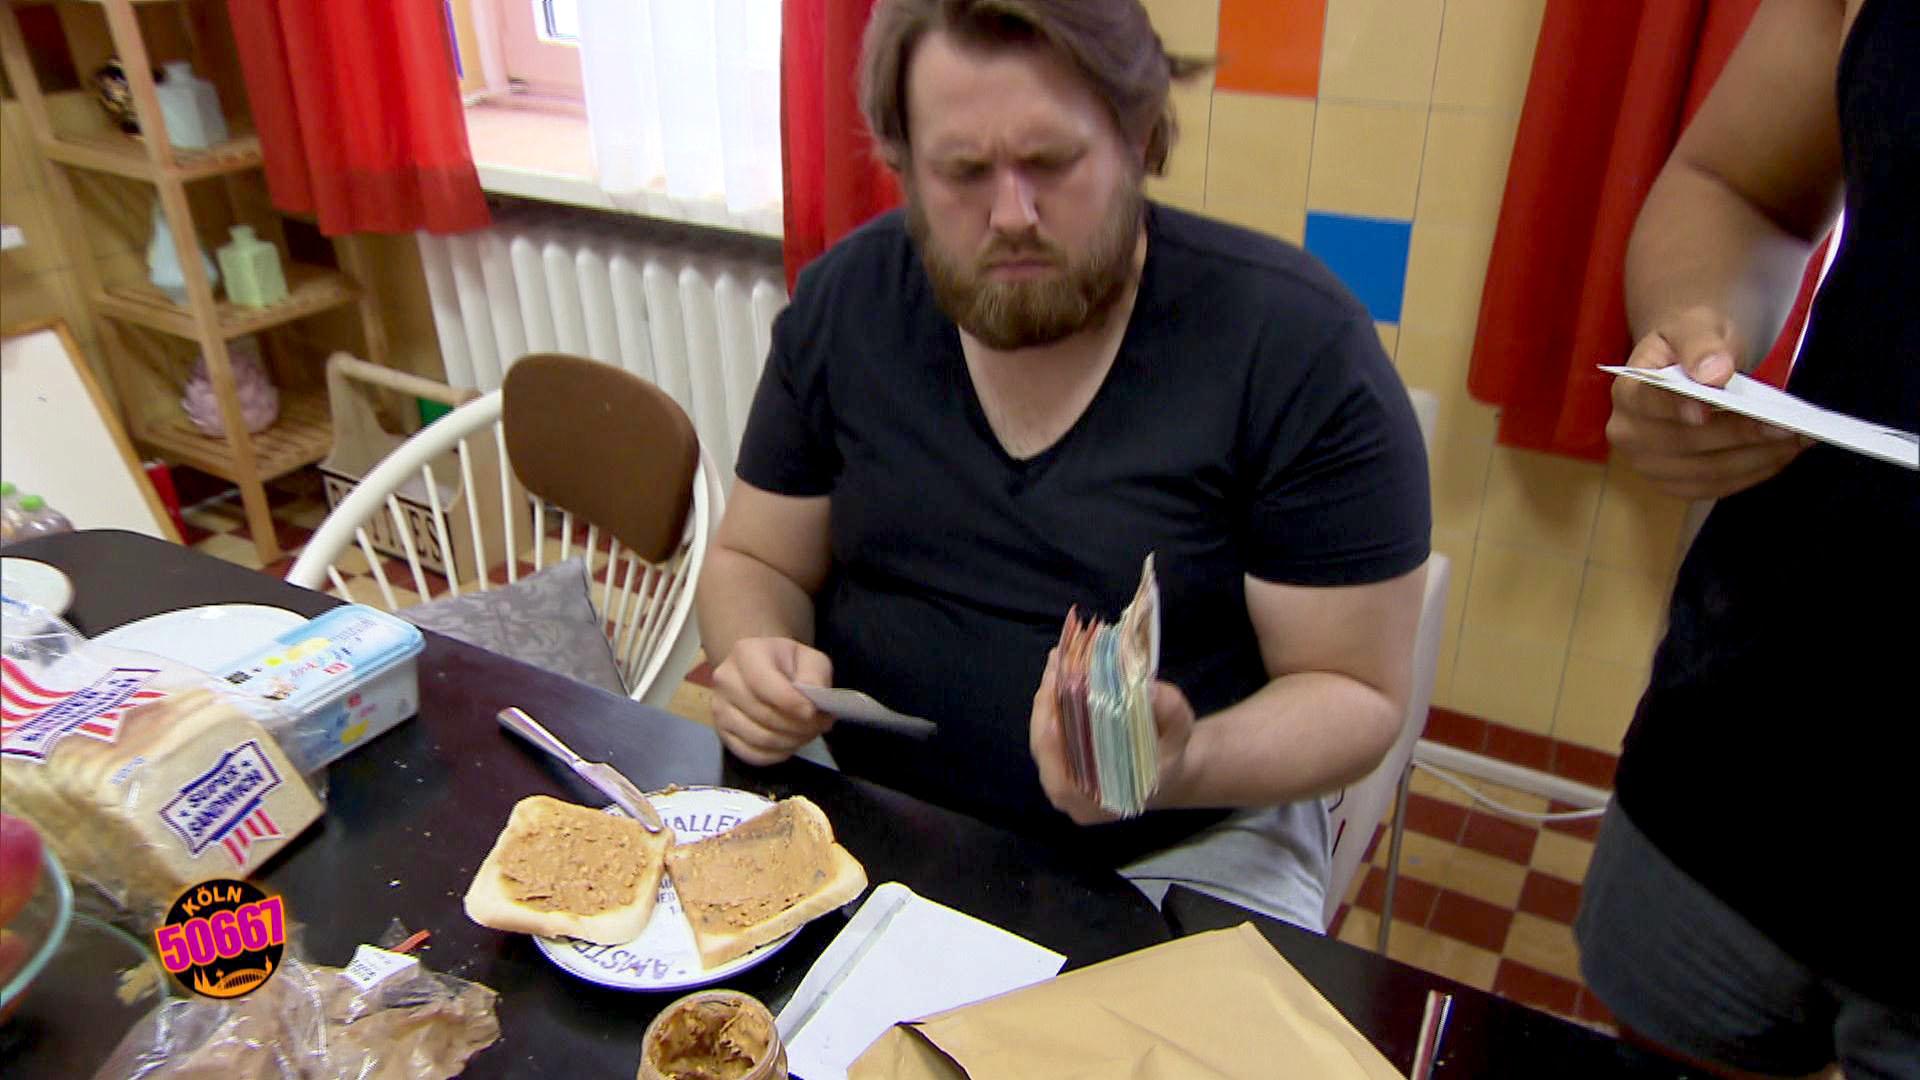 Cem,re. ist zufrieden, als sein Plan aufzugehen scheint und Jan,li. wirklich glaubt, dass (Holly) ihm das Geld zurückgegeben hat. (Quelle: RTL 2)